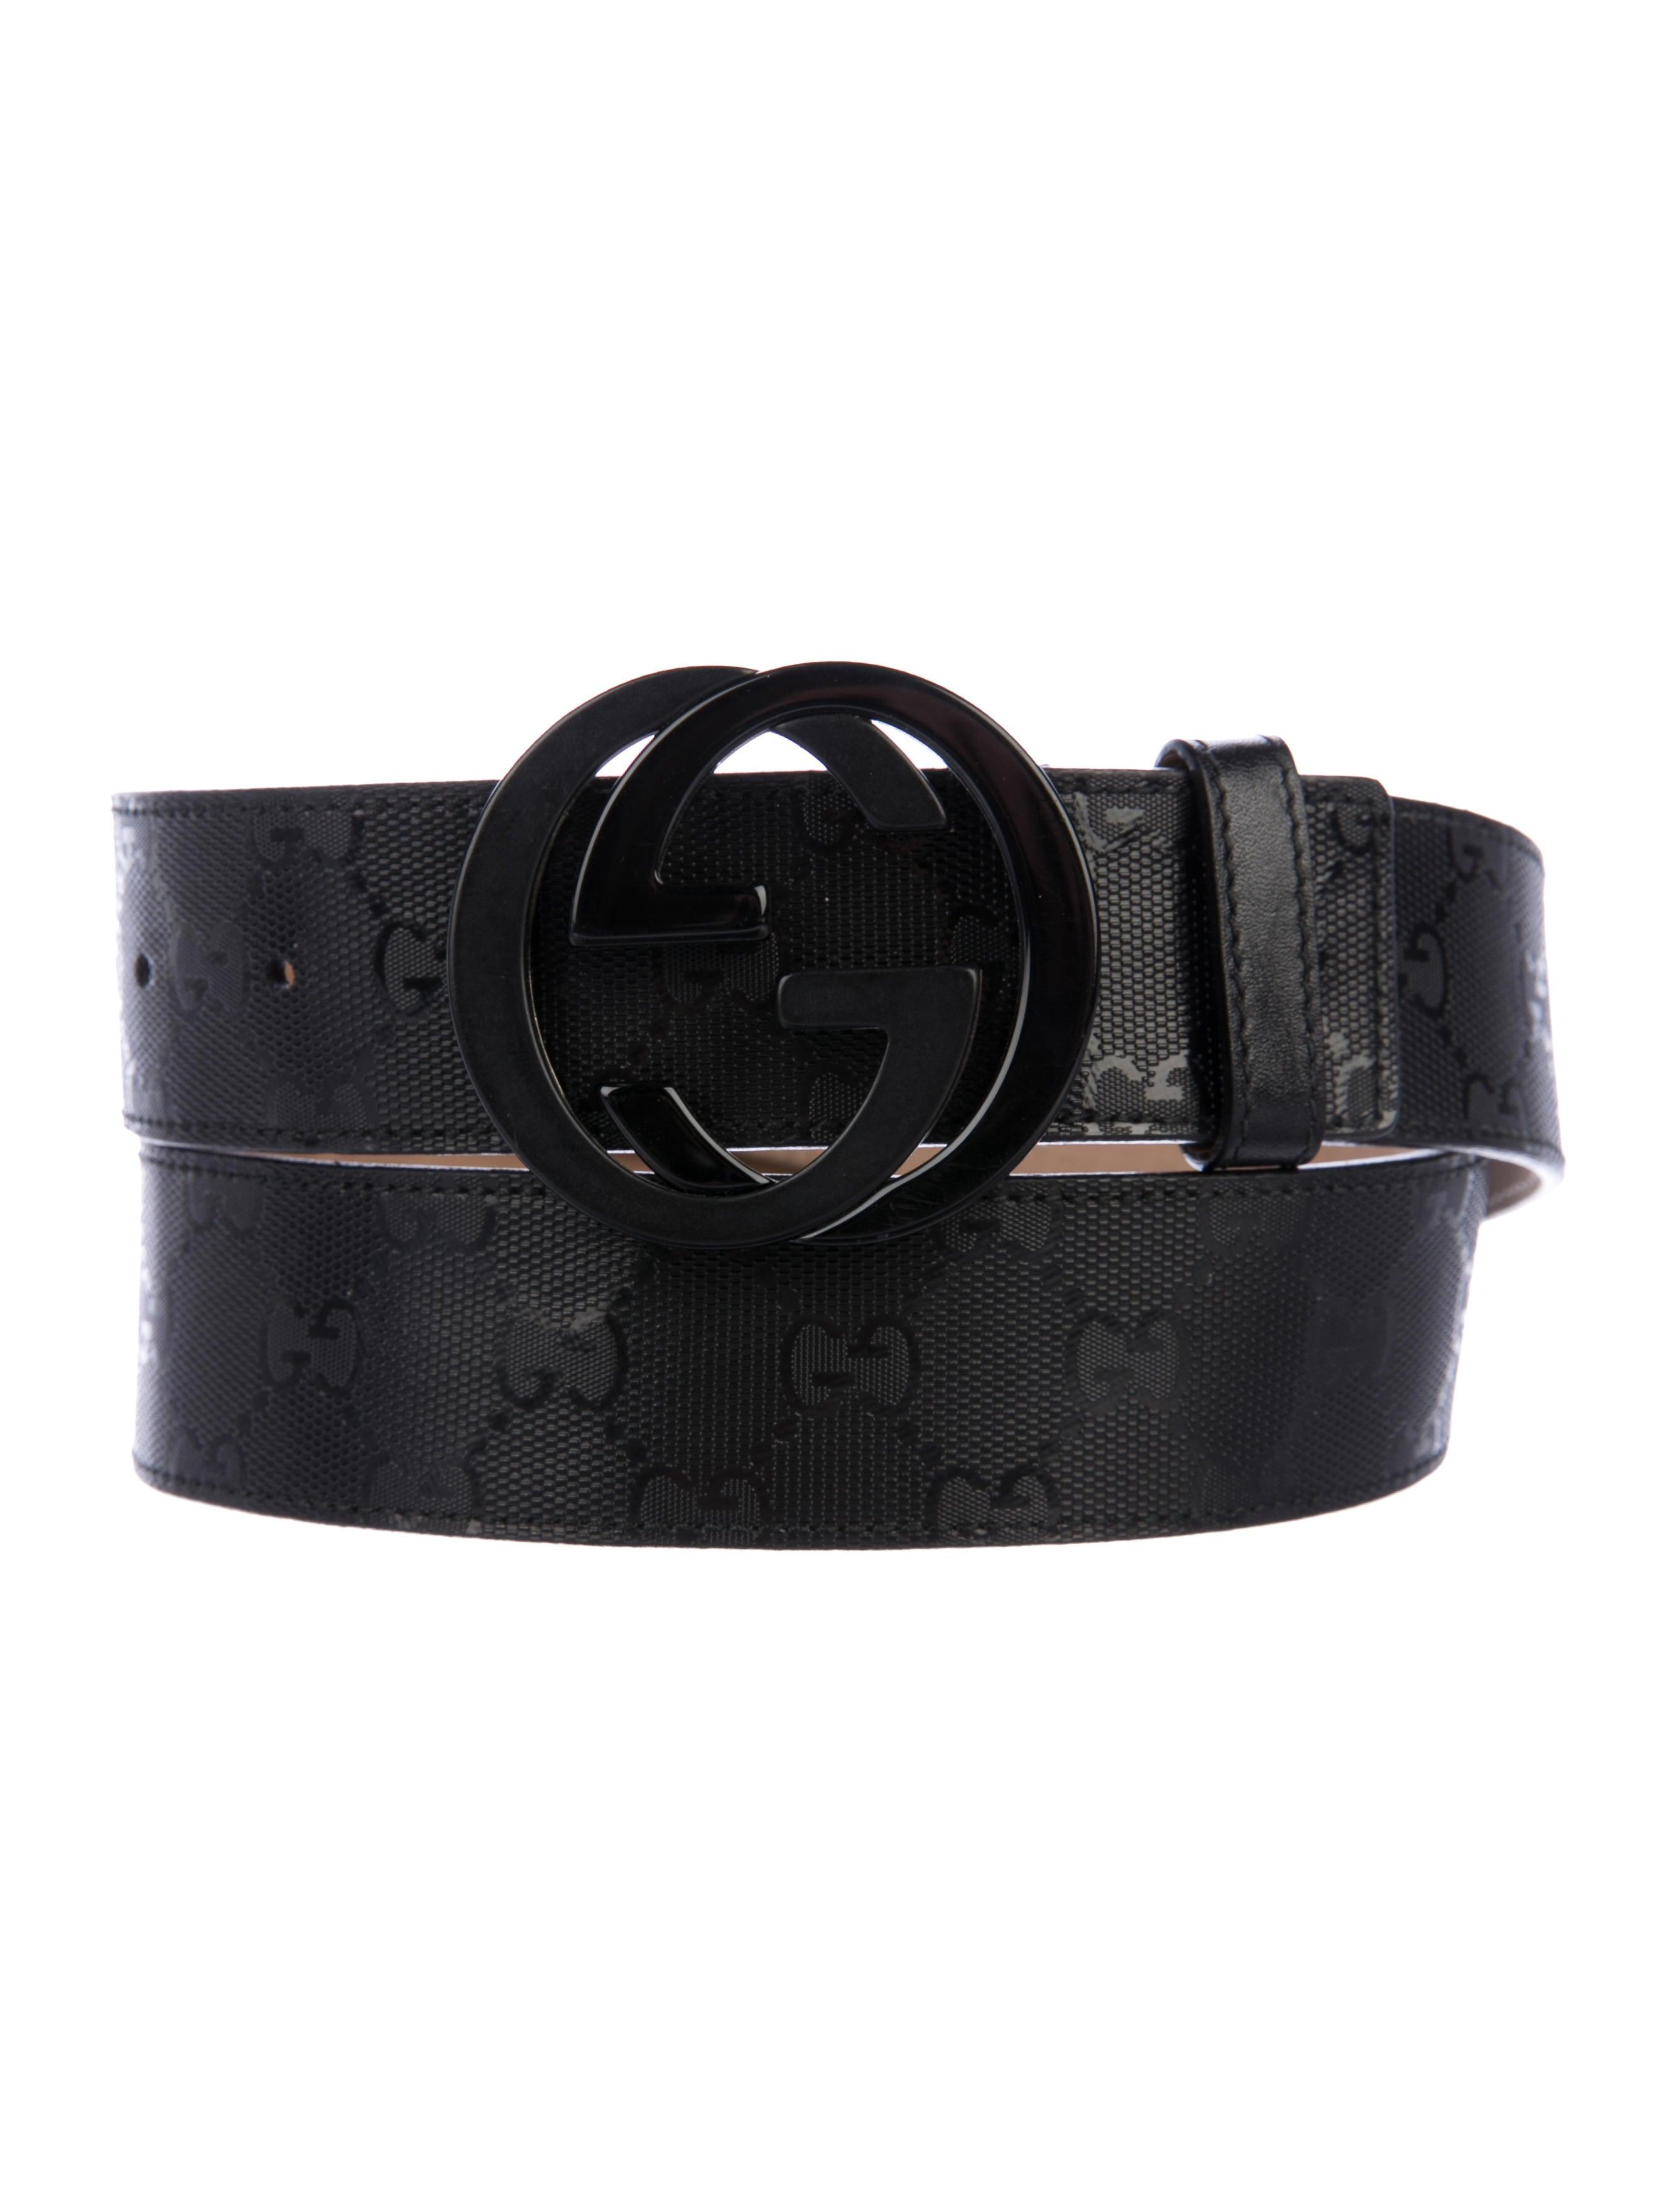 1632433426b Gucci GG Imprimé Belt - Accessories - GUC206289